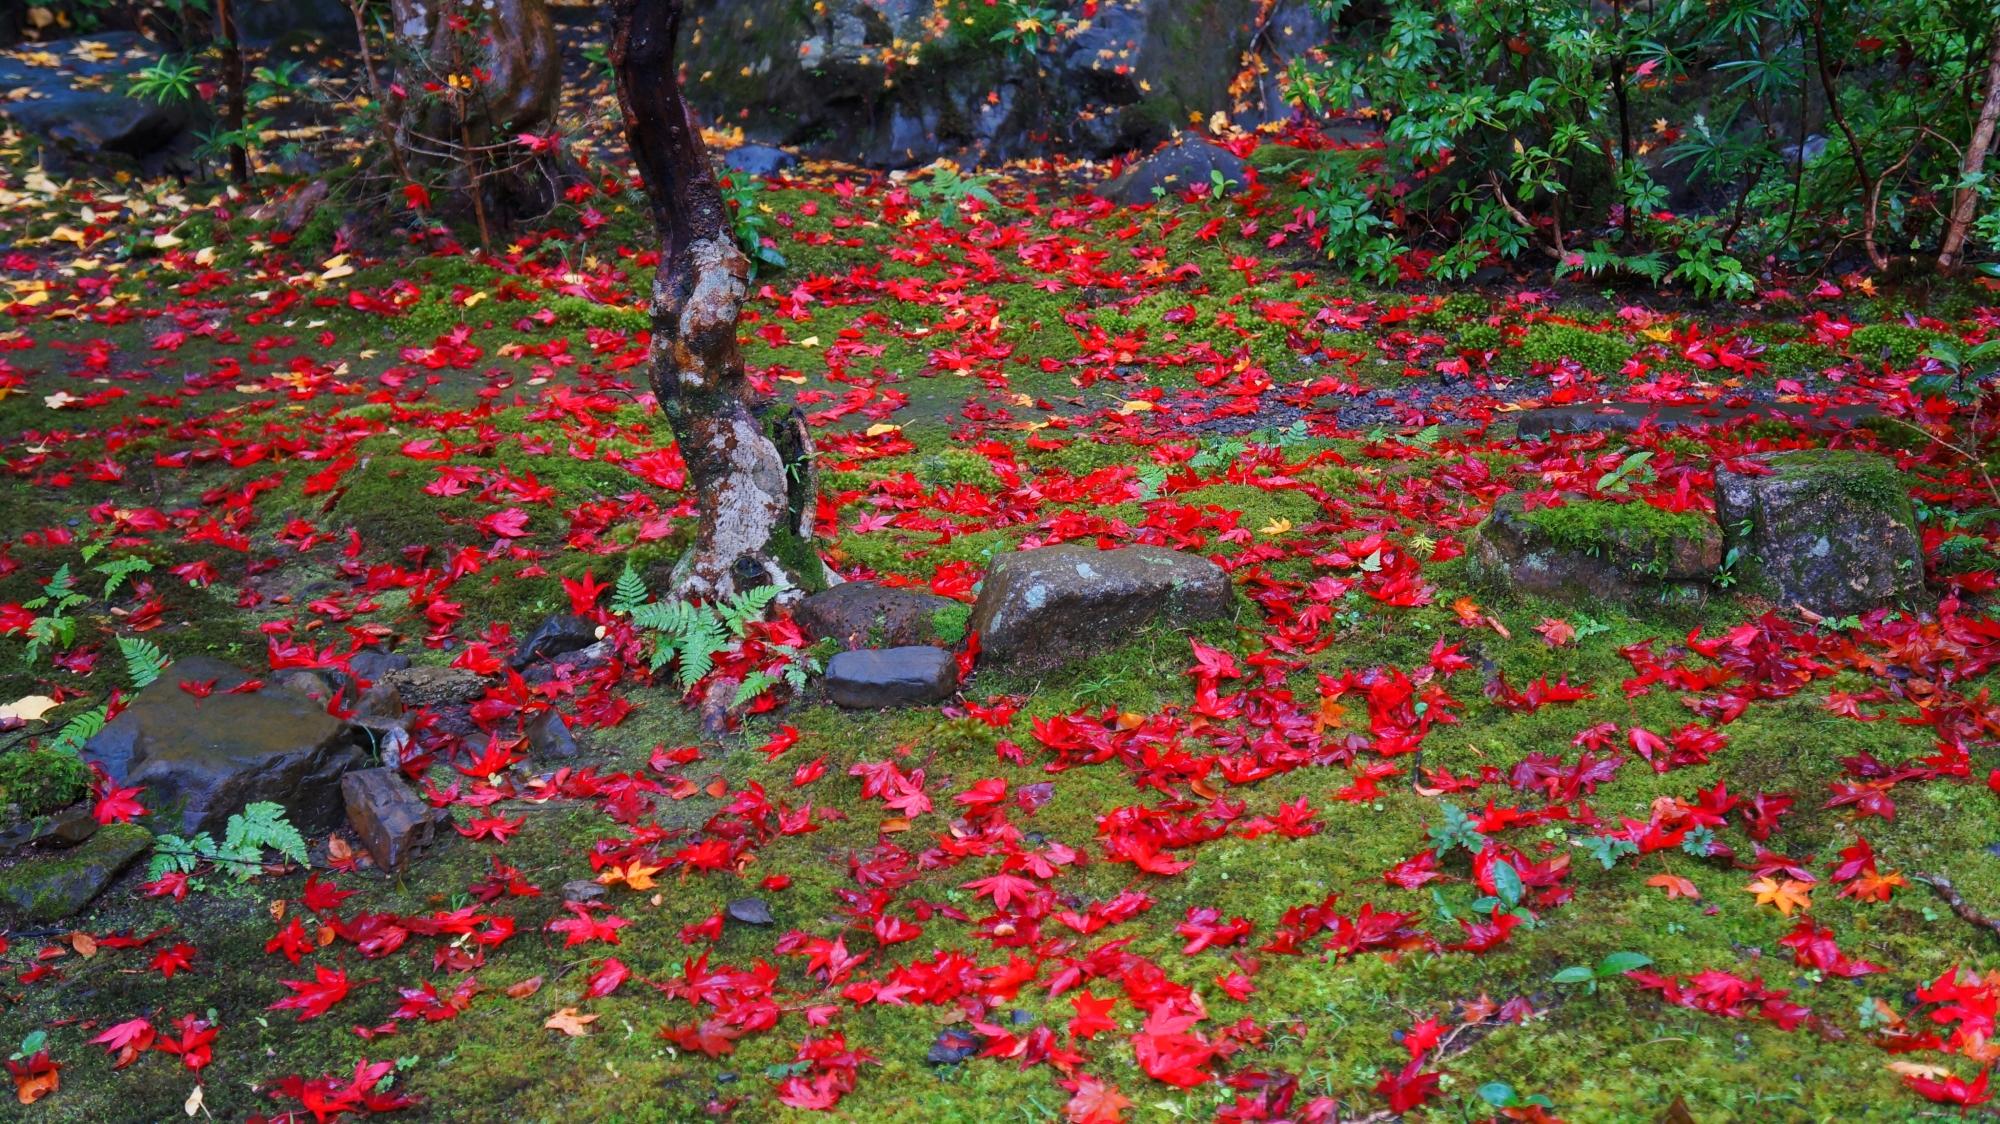 栖賢寺の鮮やかな散り紅葉